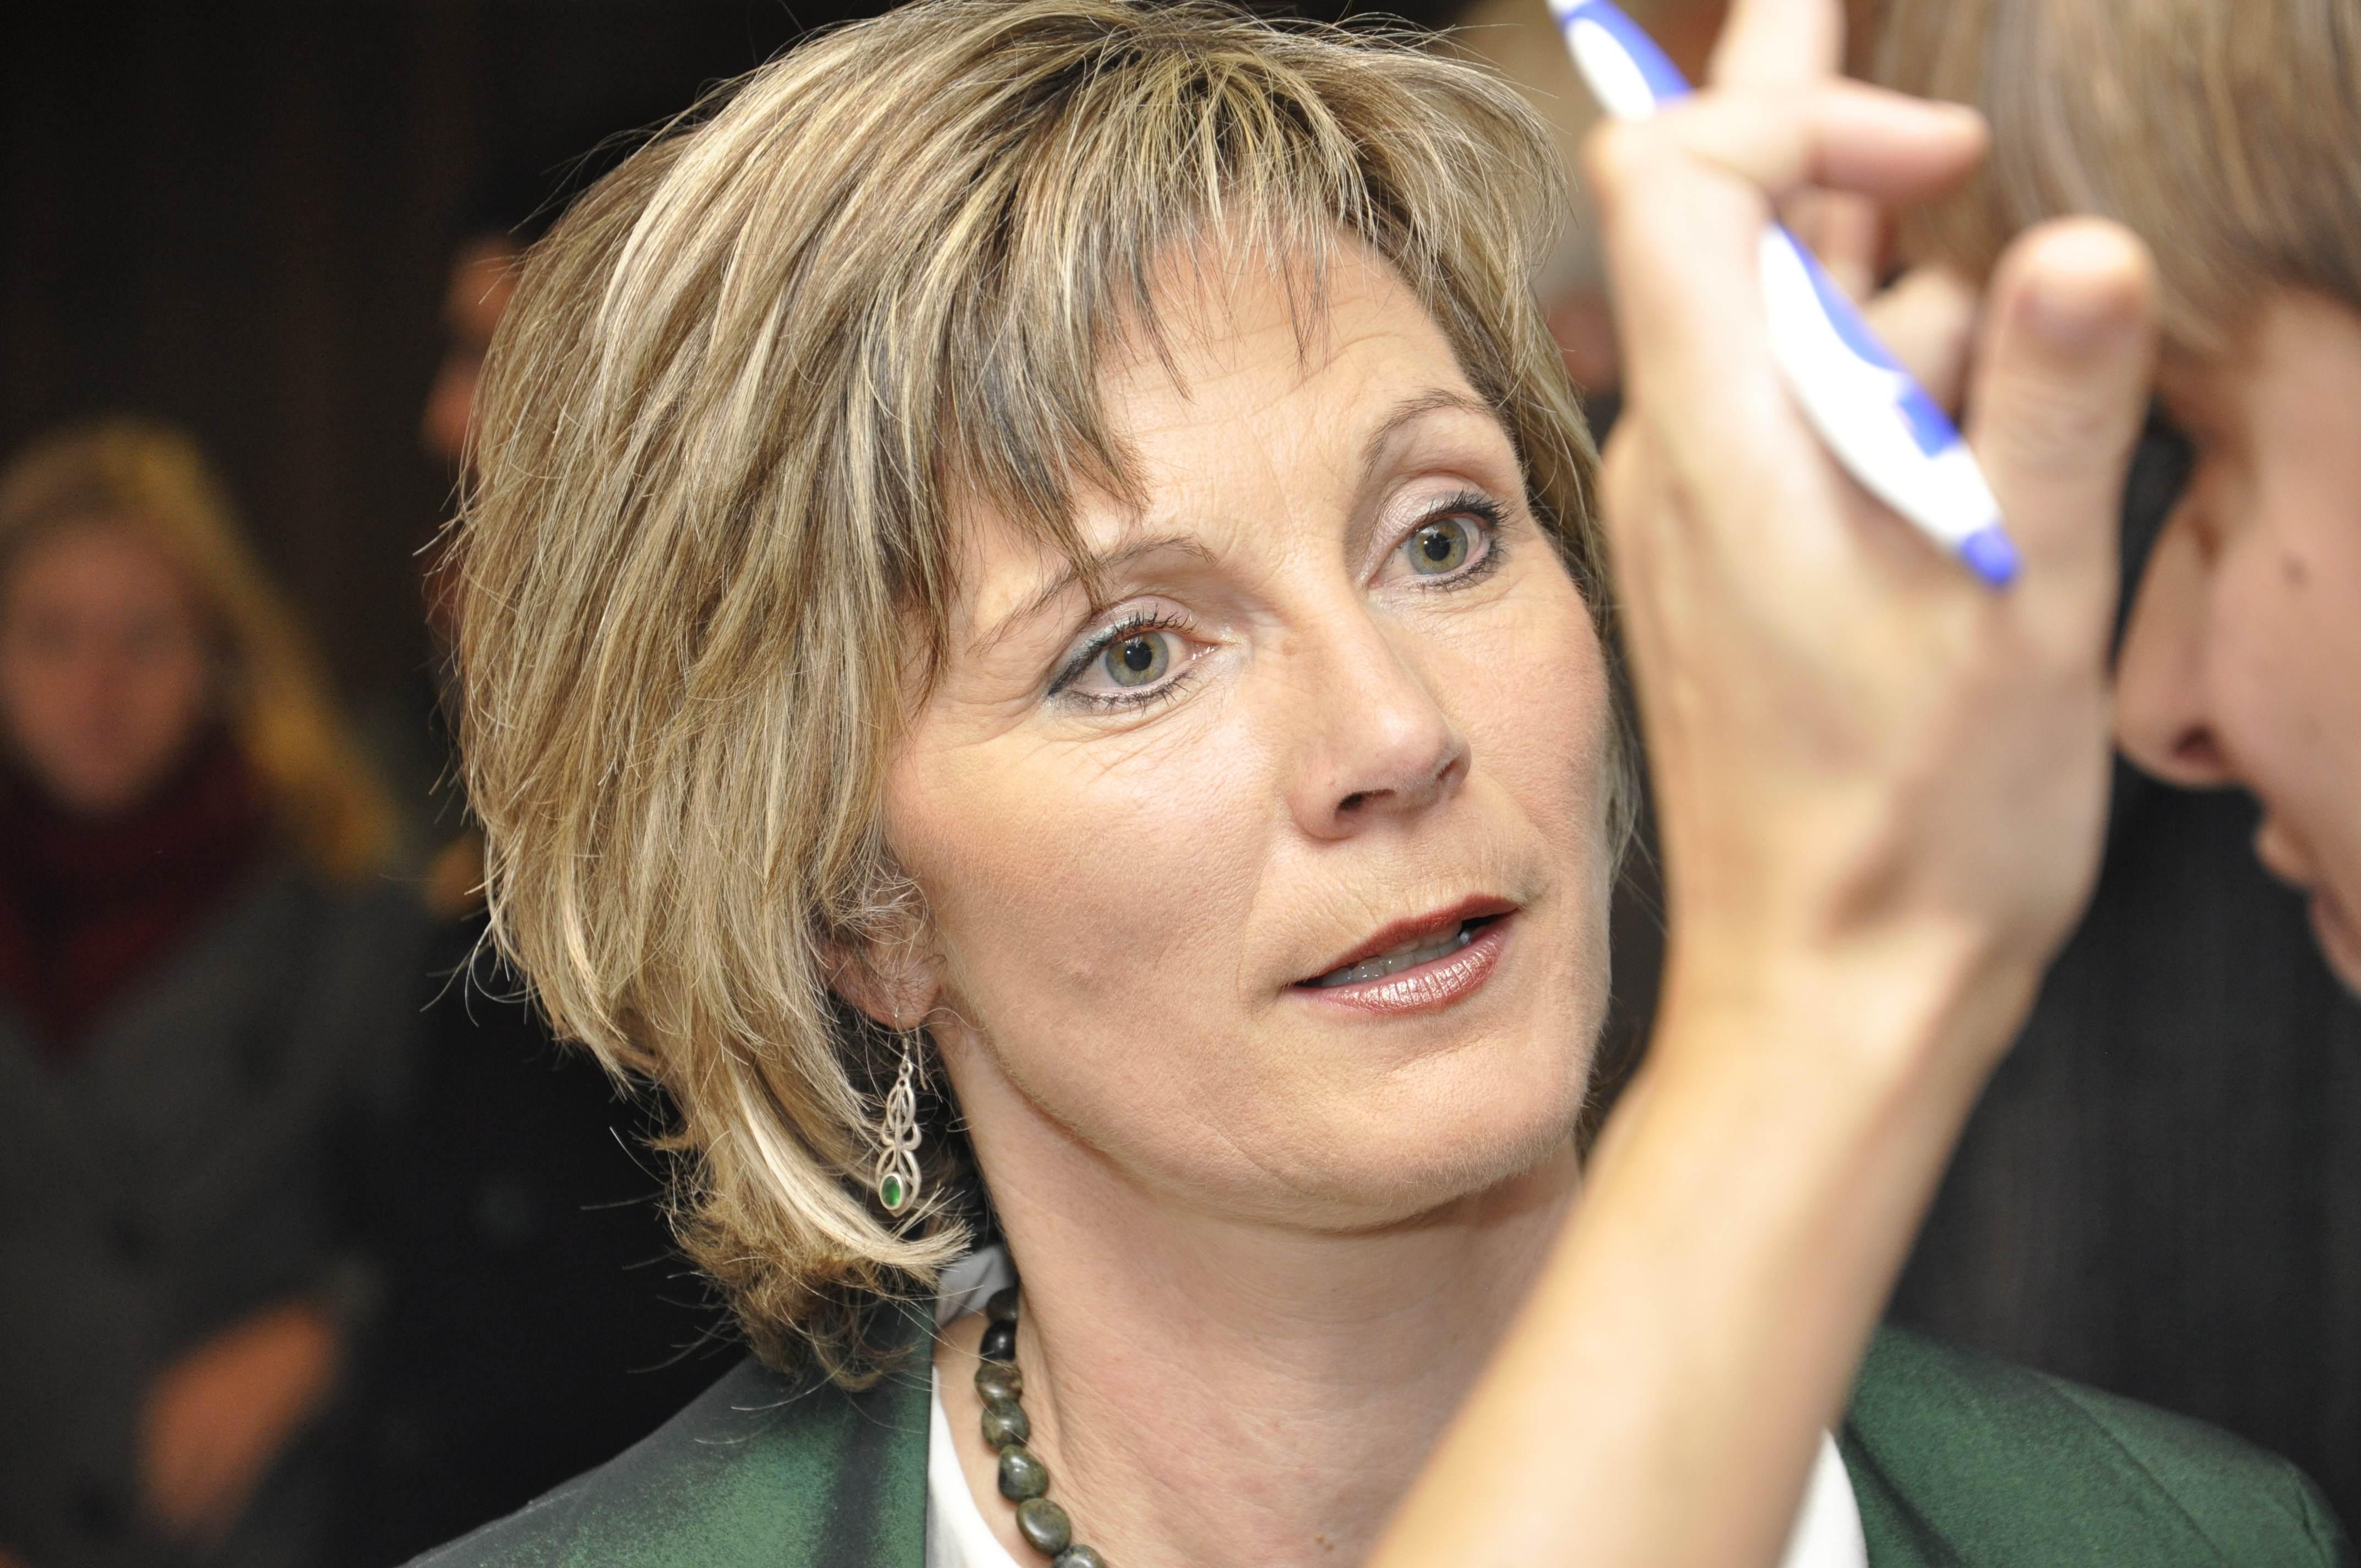 Am Montag wird Nationalrätin Maya Graf als erste Mitglied der Grünen zur höchsten Schweizerin gewählt, am Mittwoch steigt in ihrer Wohngemeinde Sissach ein ... - 0.58150300_1353783908